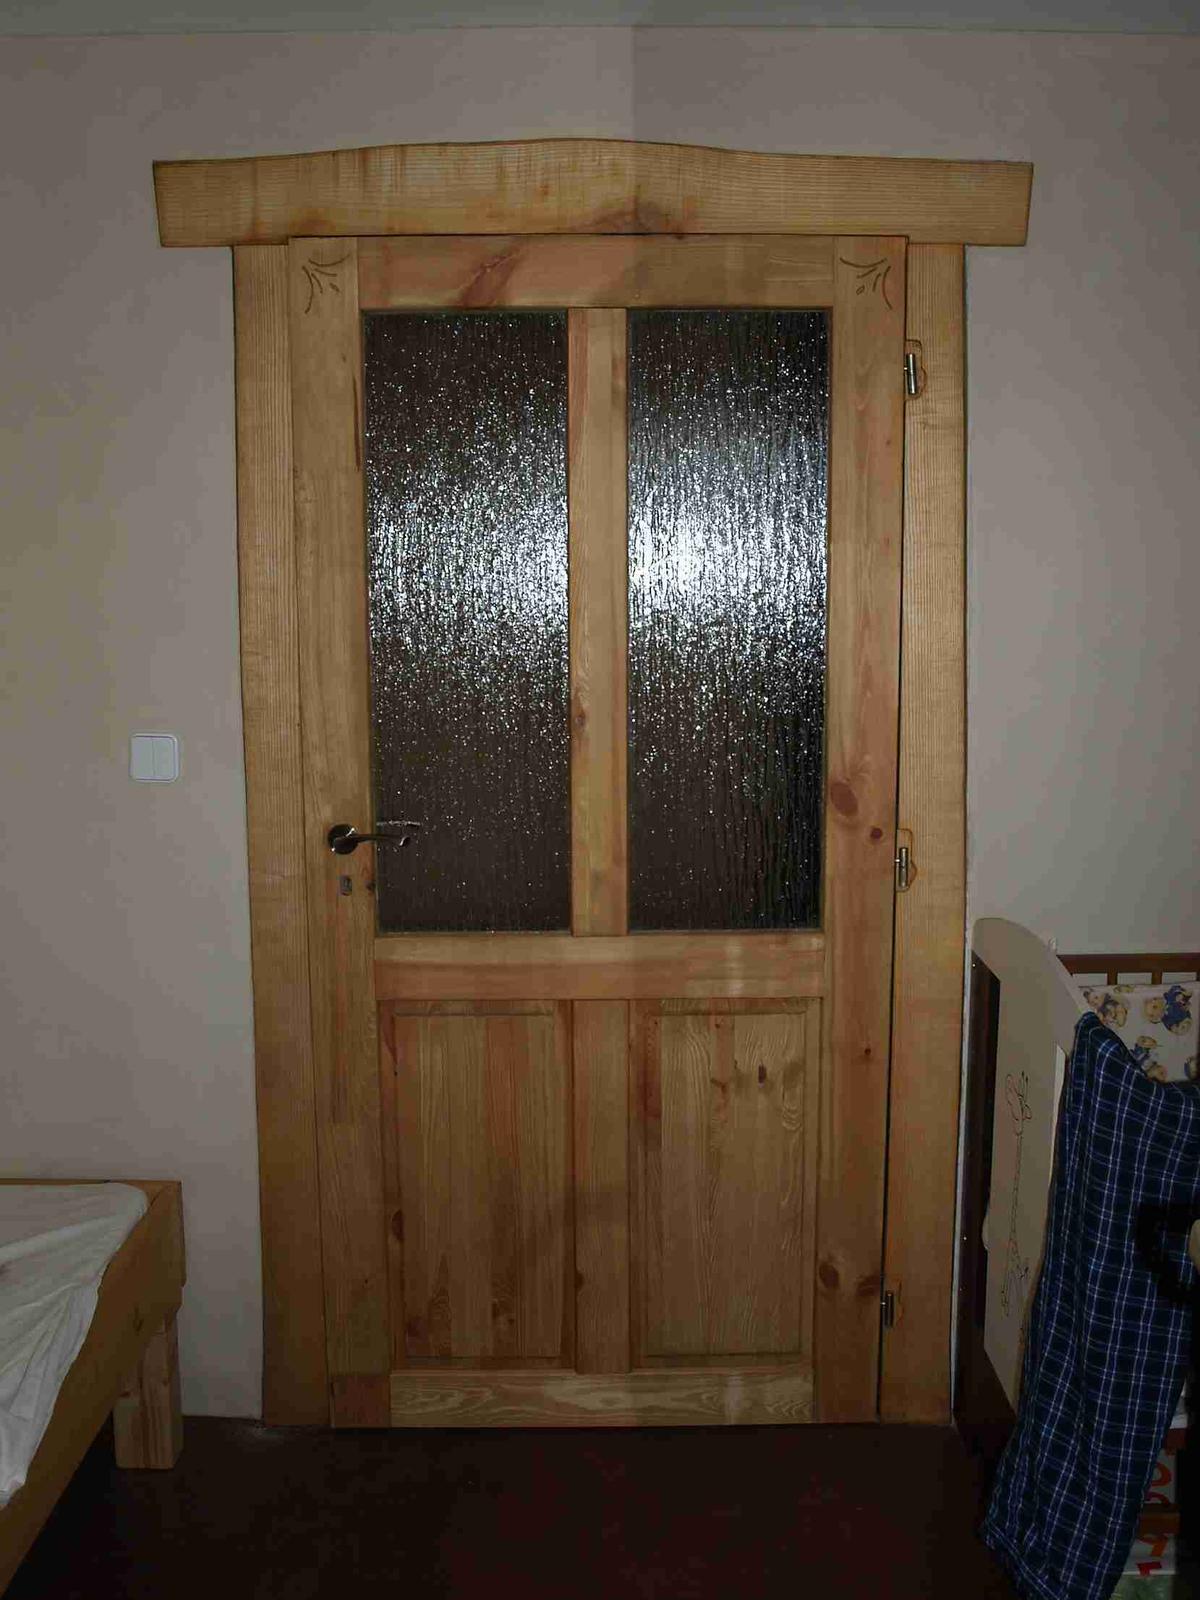 Hlinené omietky a podlahy svojpomocne. - Zárubňa vlastnej výroby z jaseňa. Dvere sú časovo náročnejšie, takže som kúpil hotové, len som ich dozdobil a povrchovo upravil.